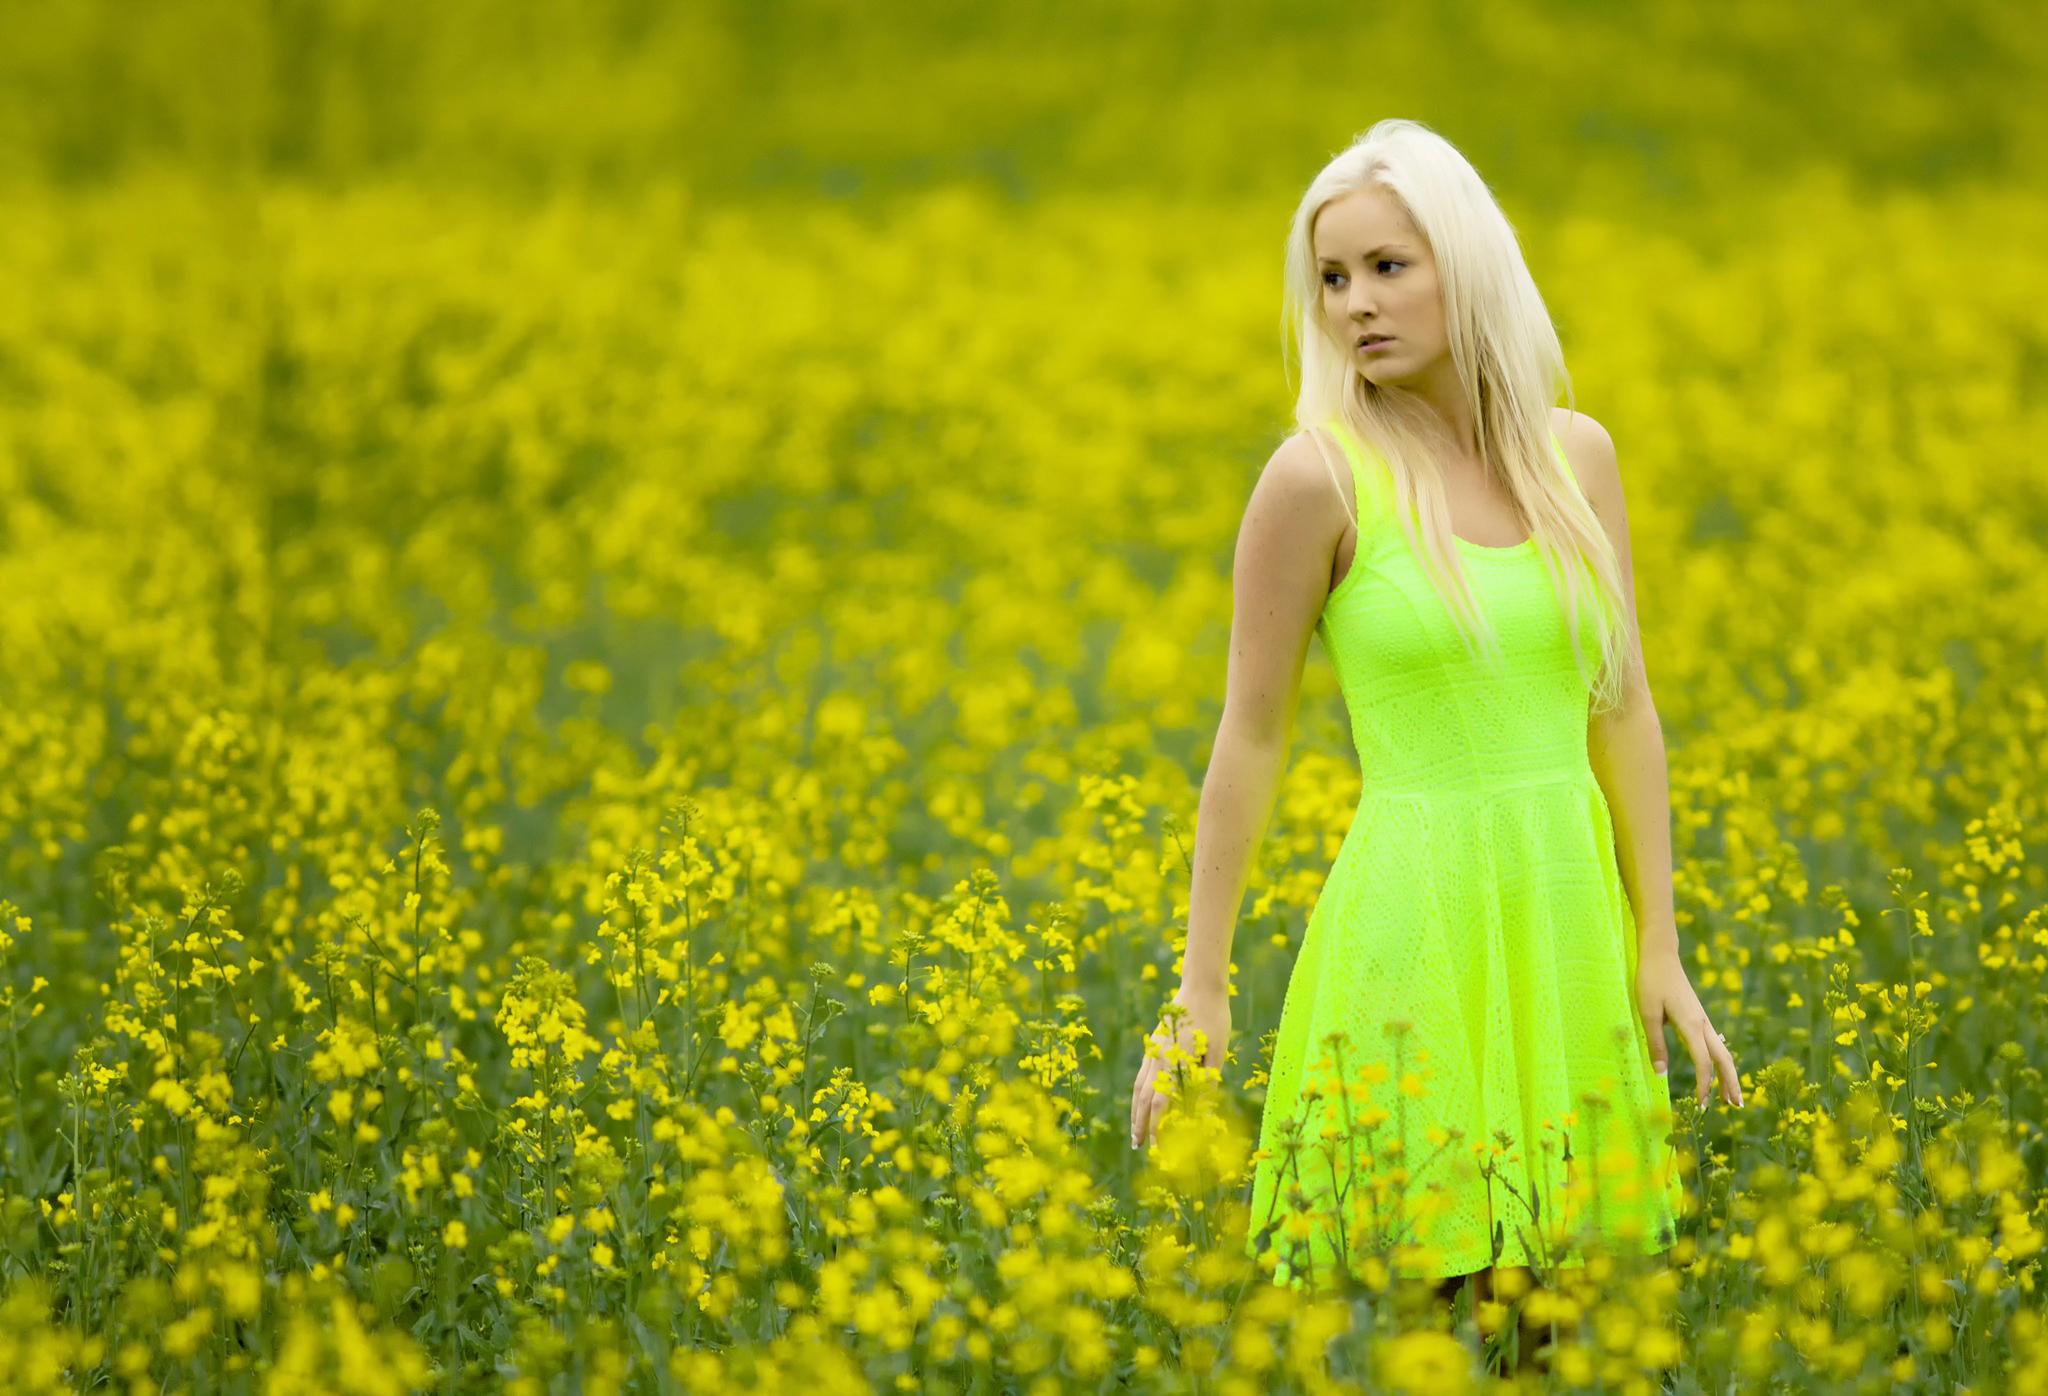 blondinka-v-zelenom-plate